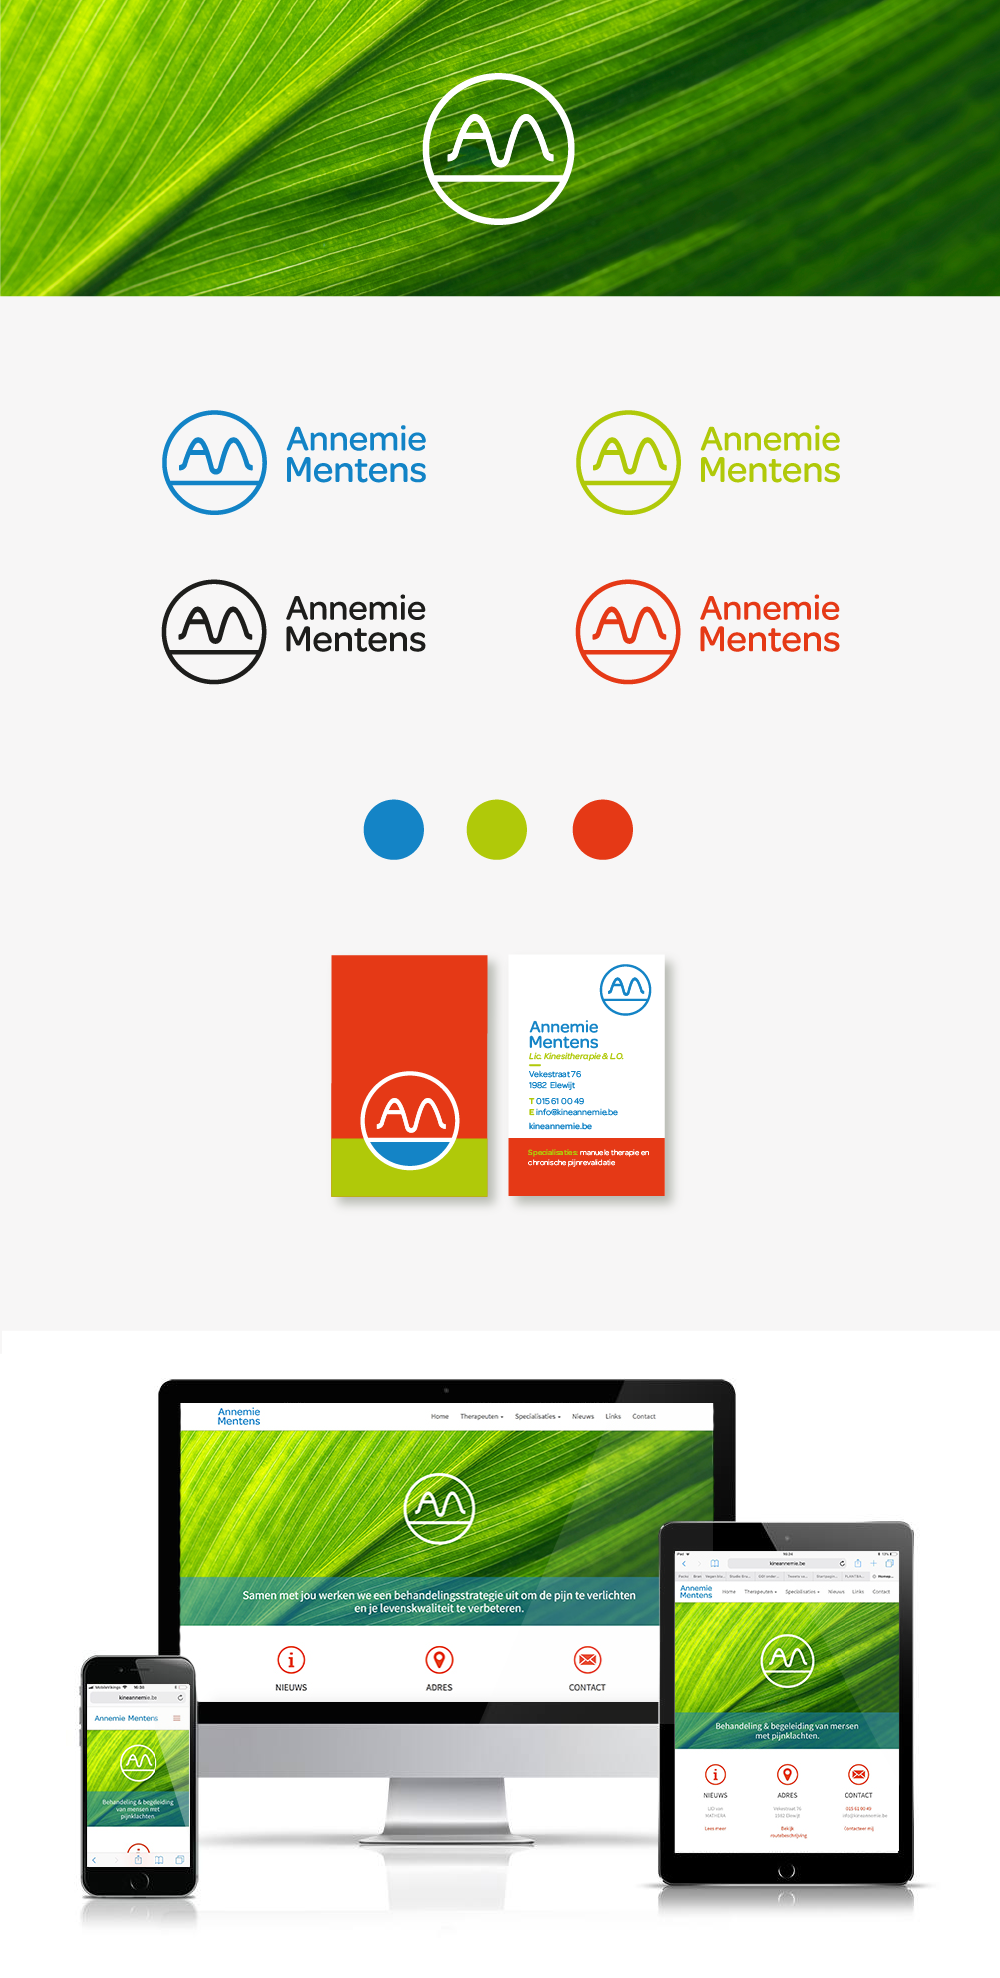 Annemie Mentens branding logo design